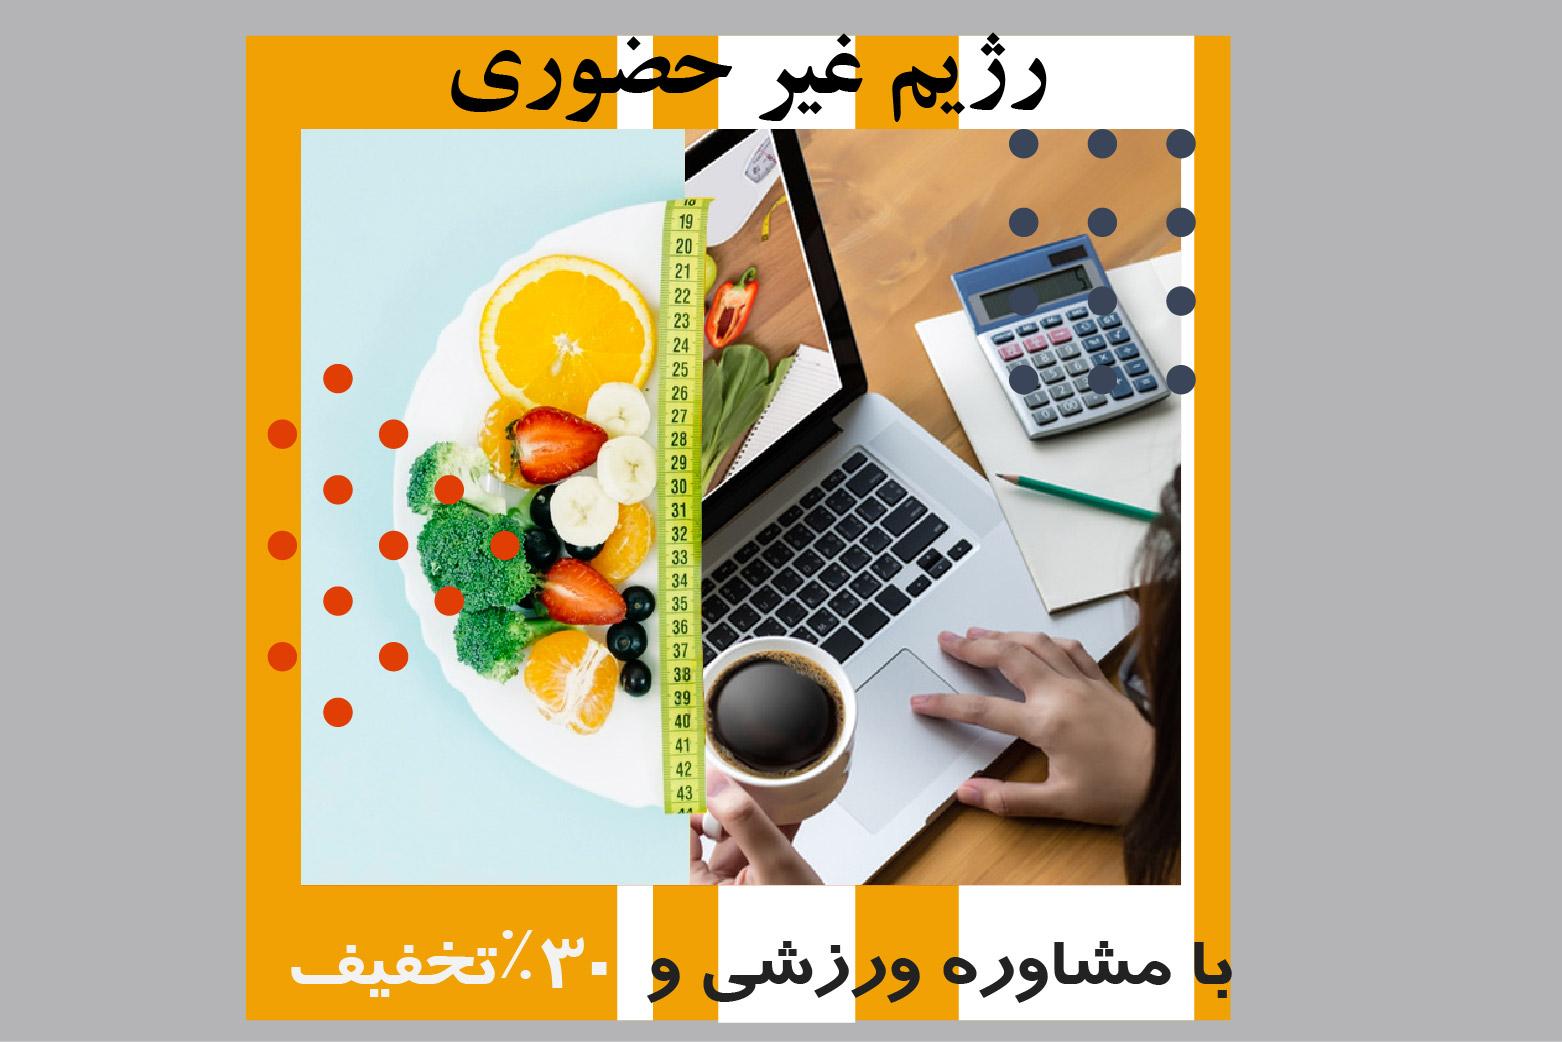 طراحی پست اینستاگرام رژیم غذایی 1